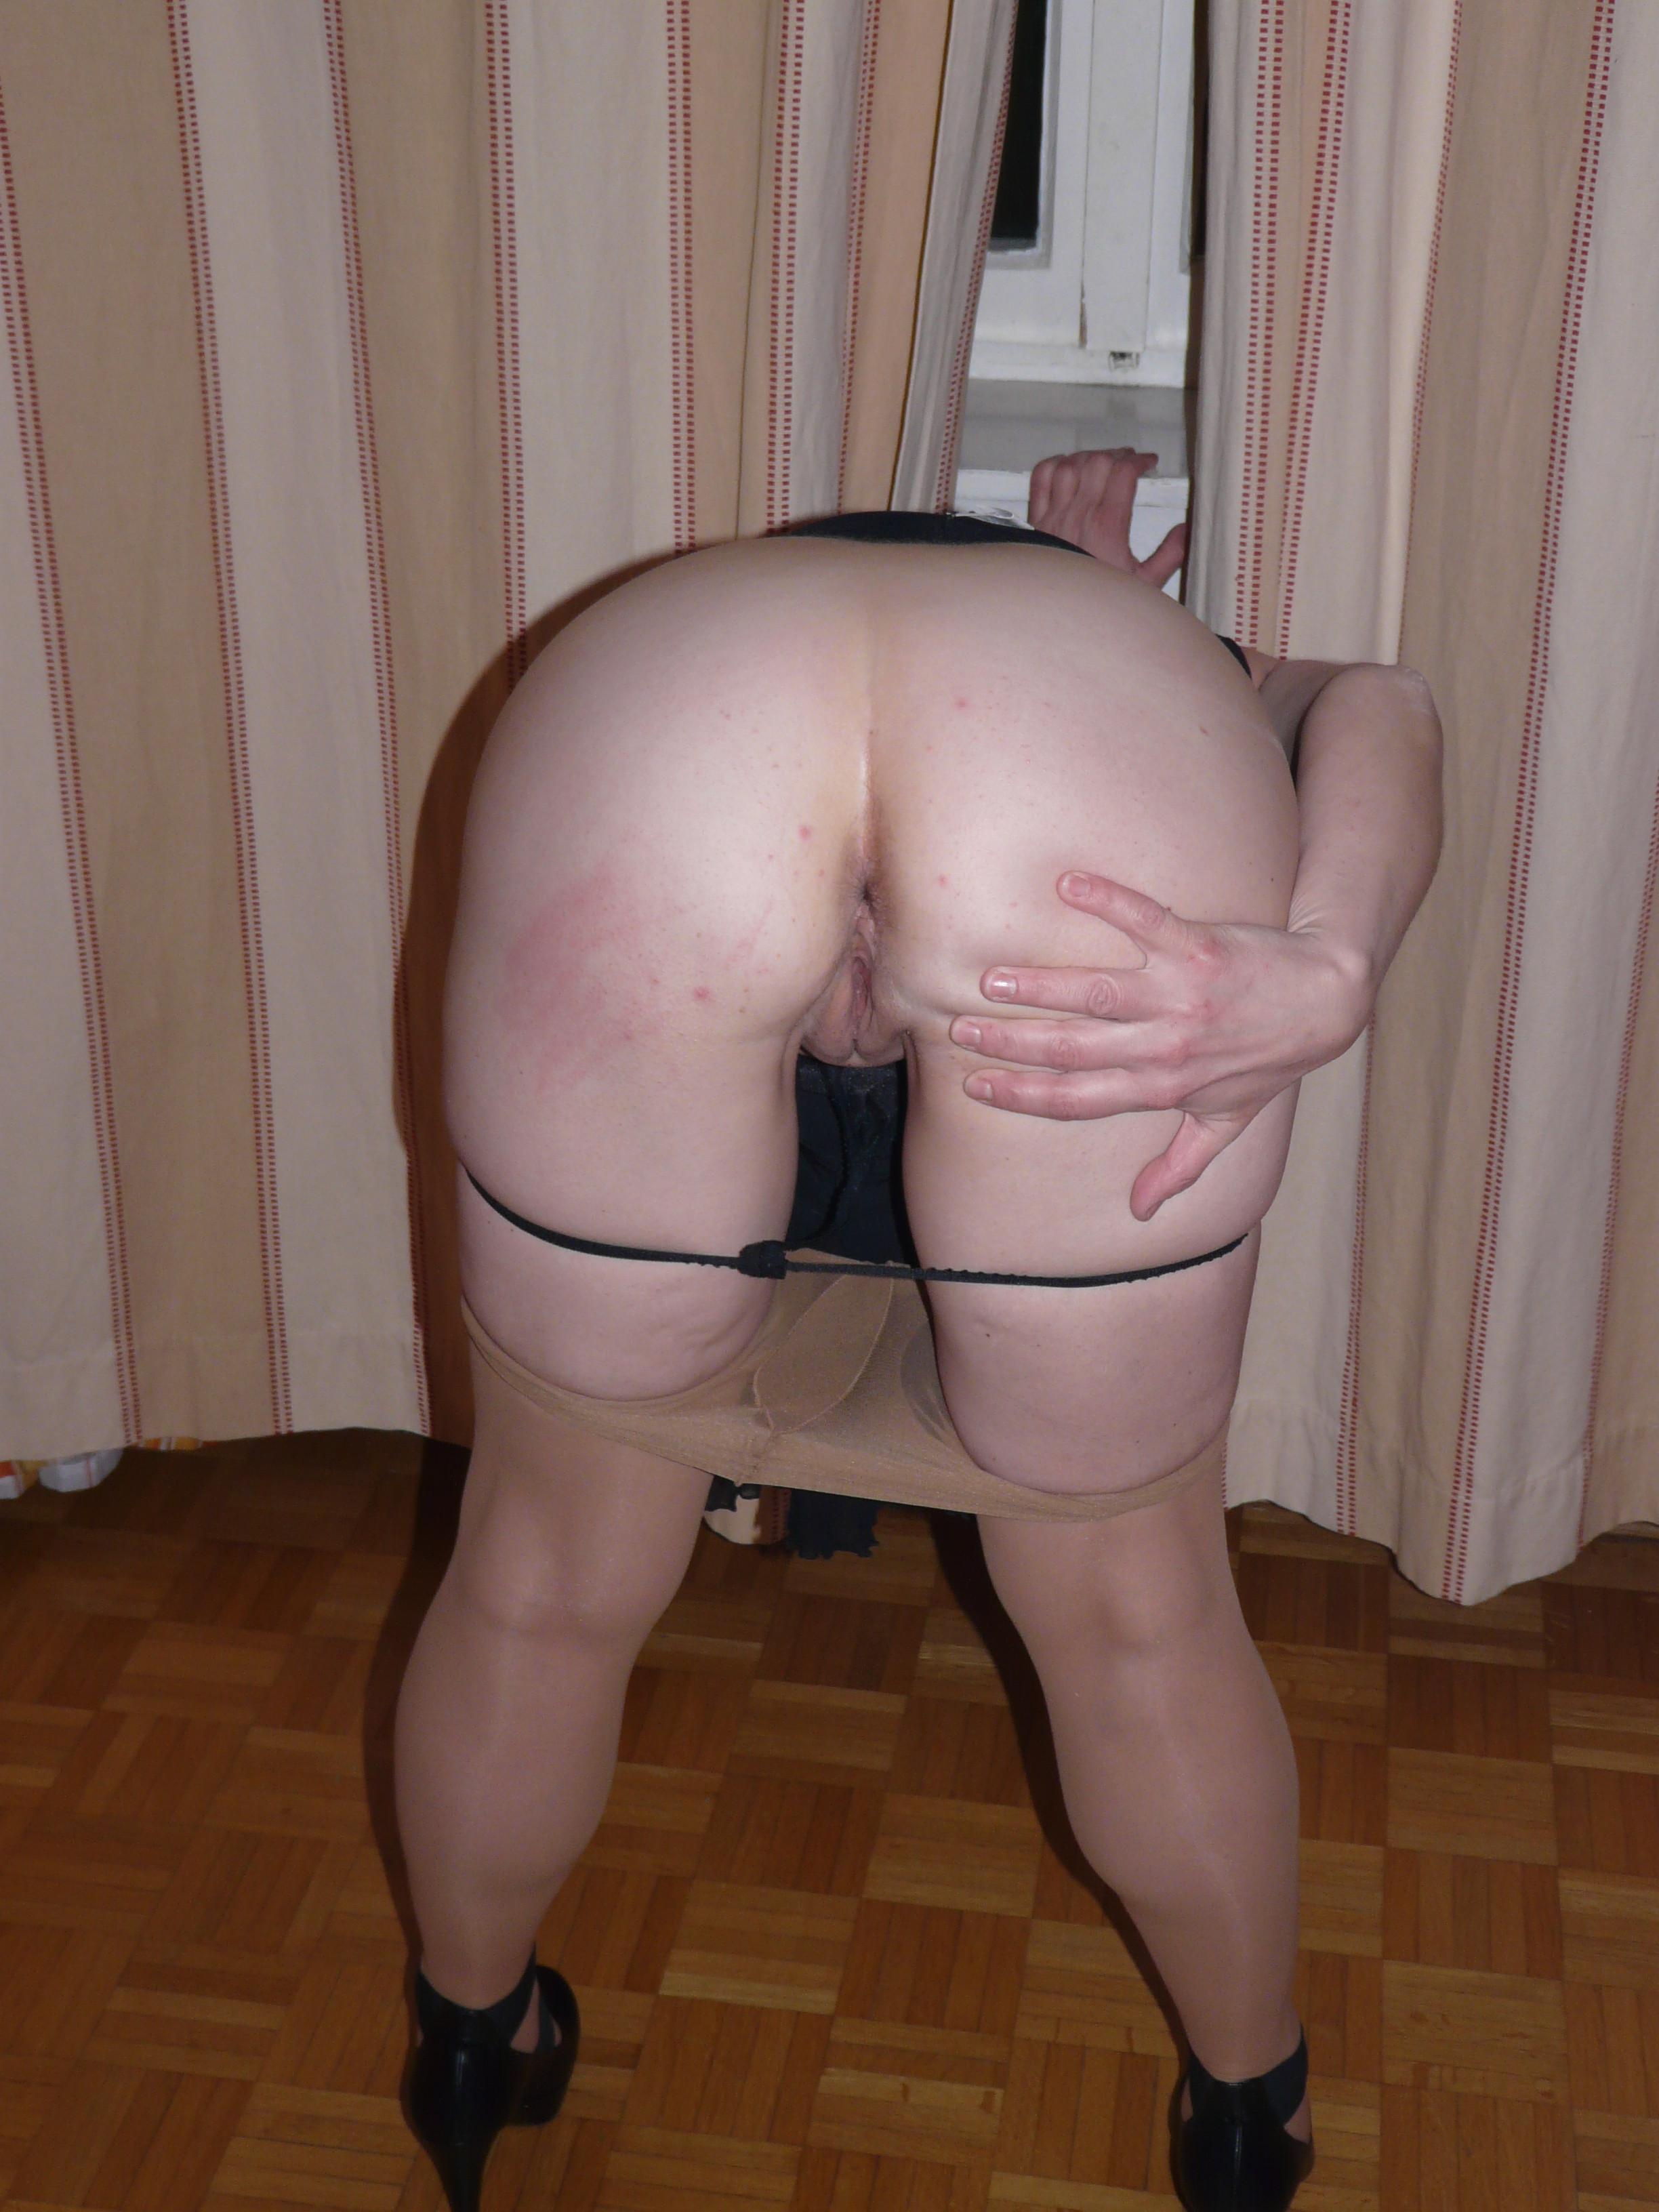 Фото порно маминой попки 8 фотография